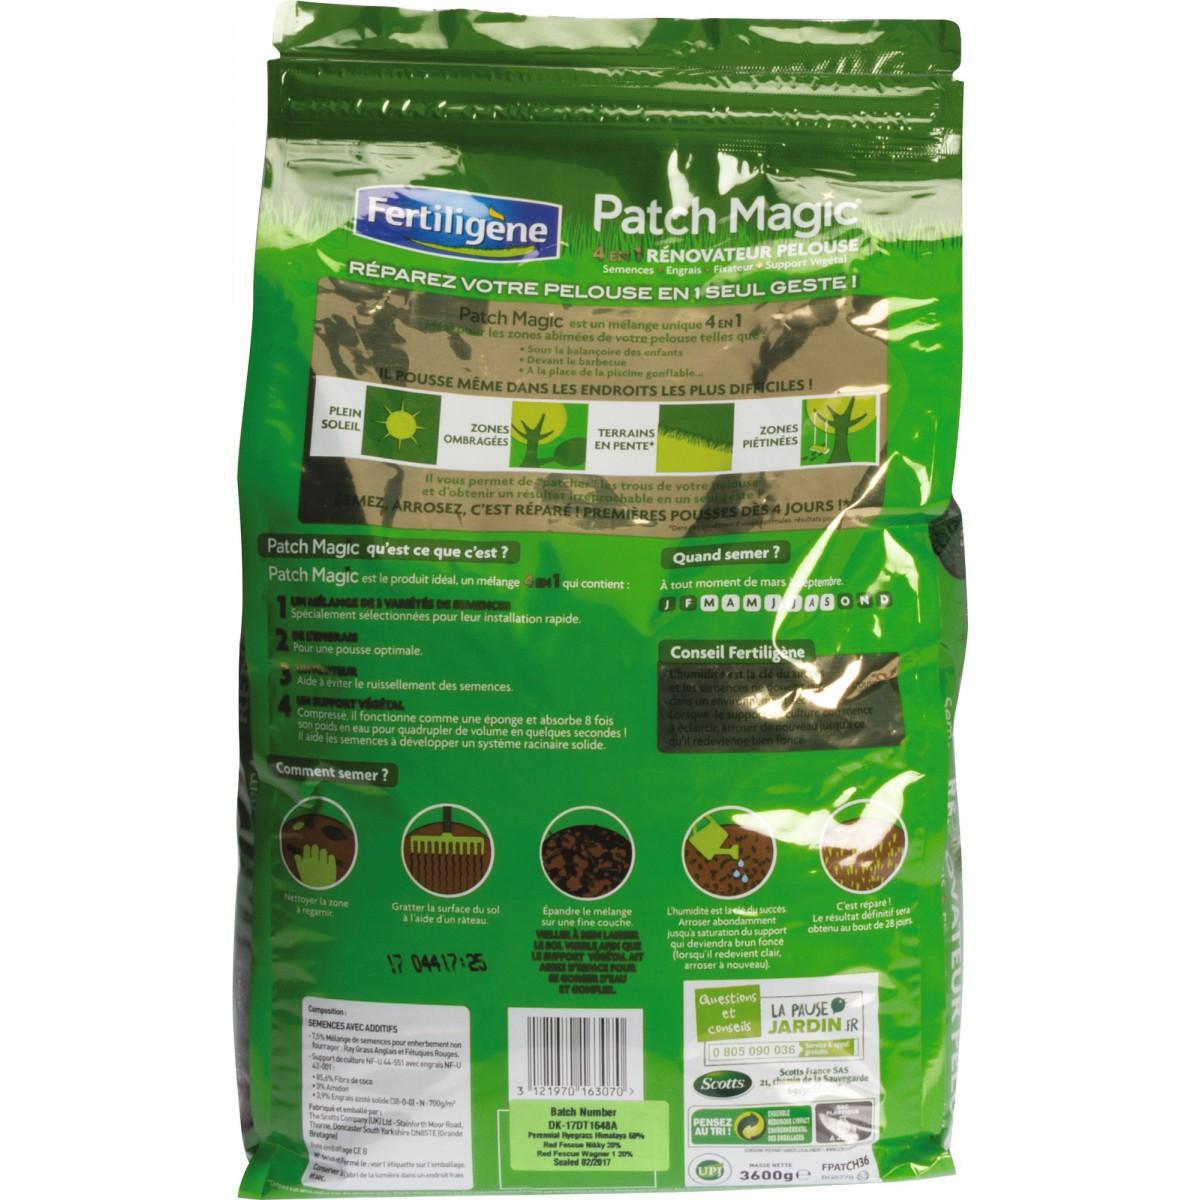 Patch Magic 4 en 1 rénovateur pelouse Fertiligène - 3,6 kg